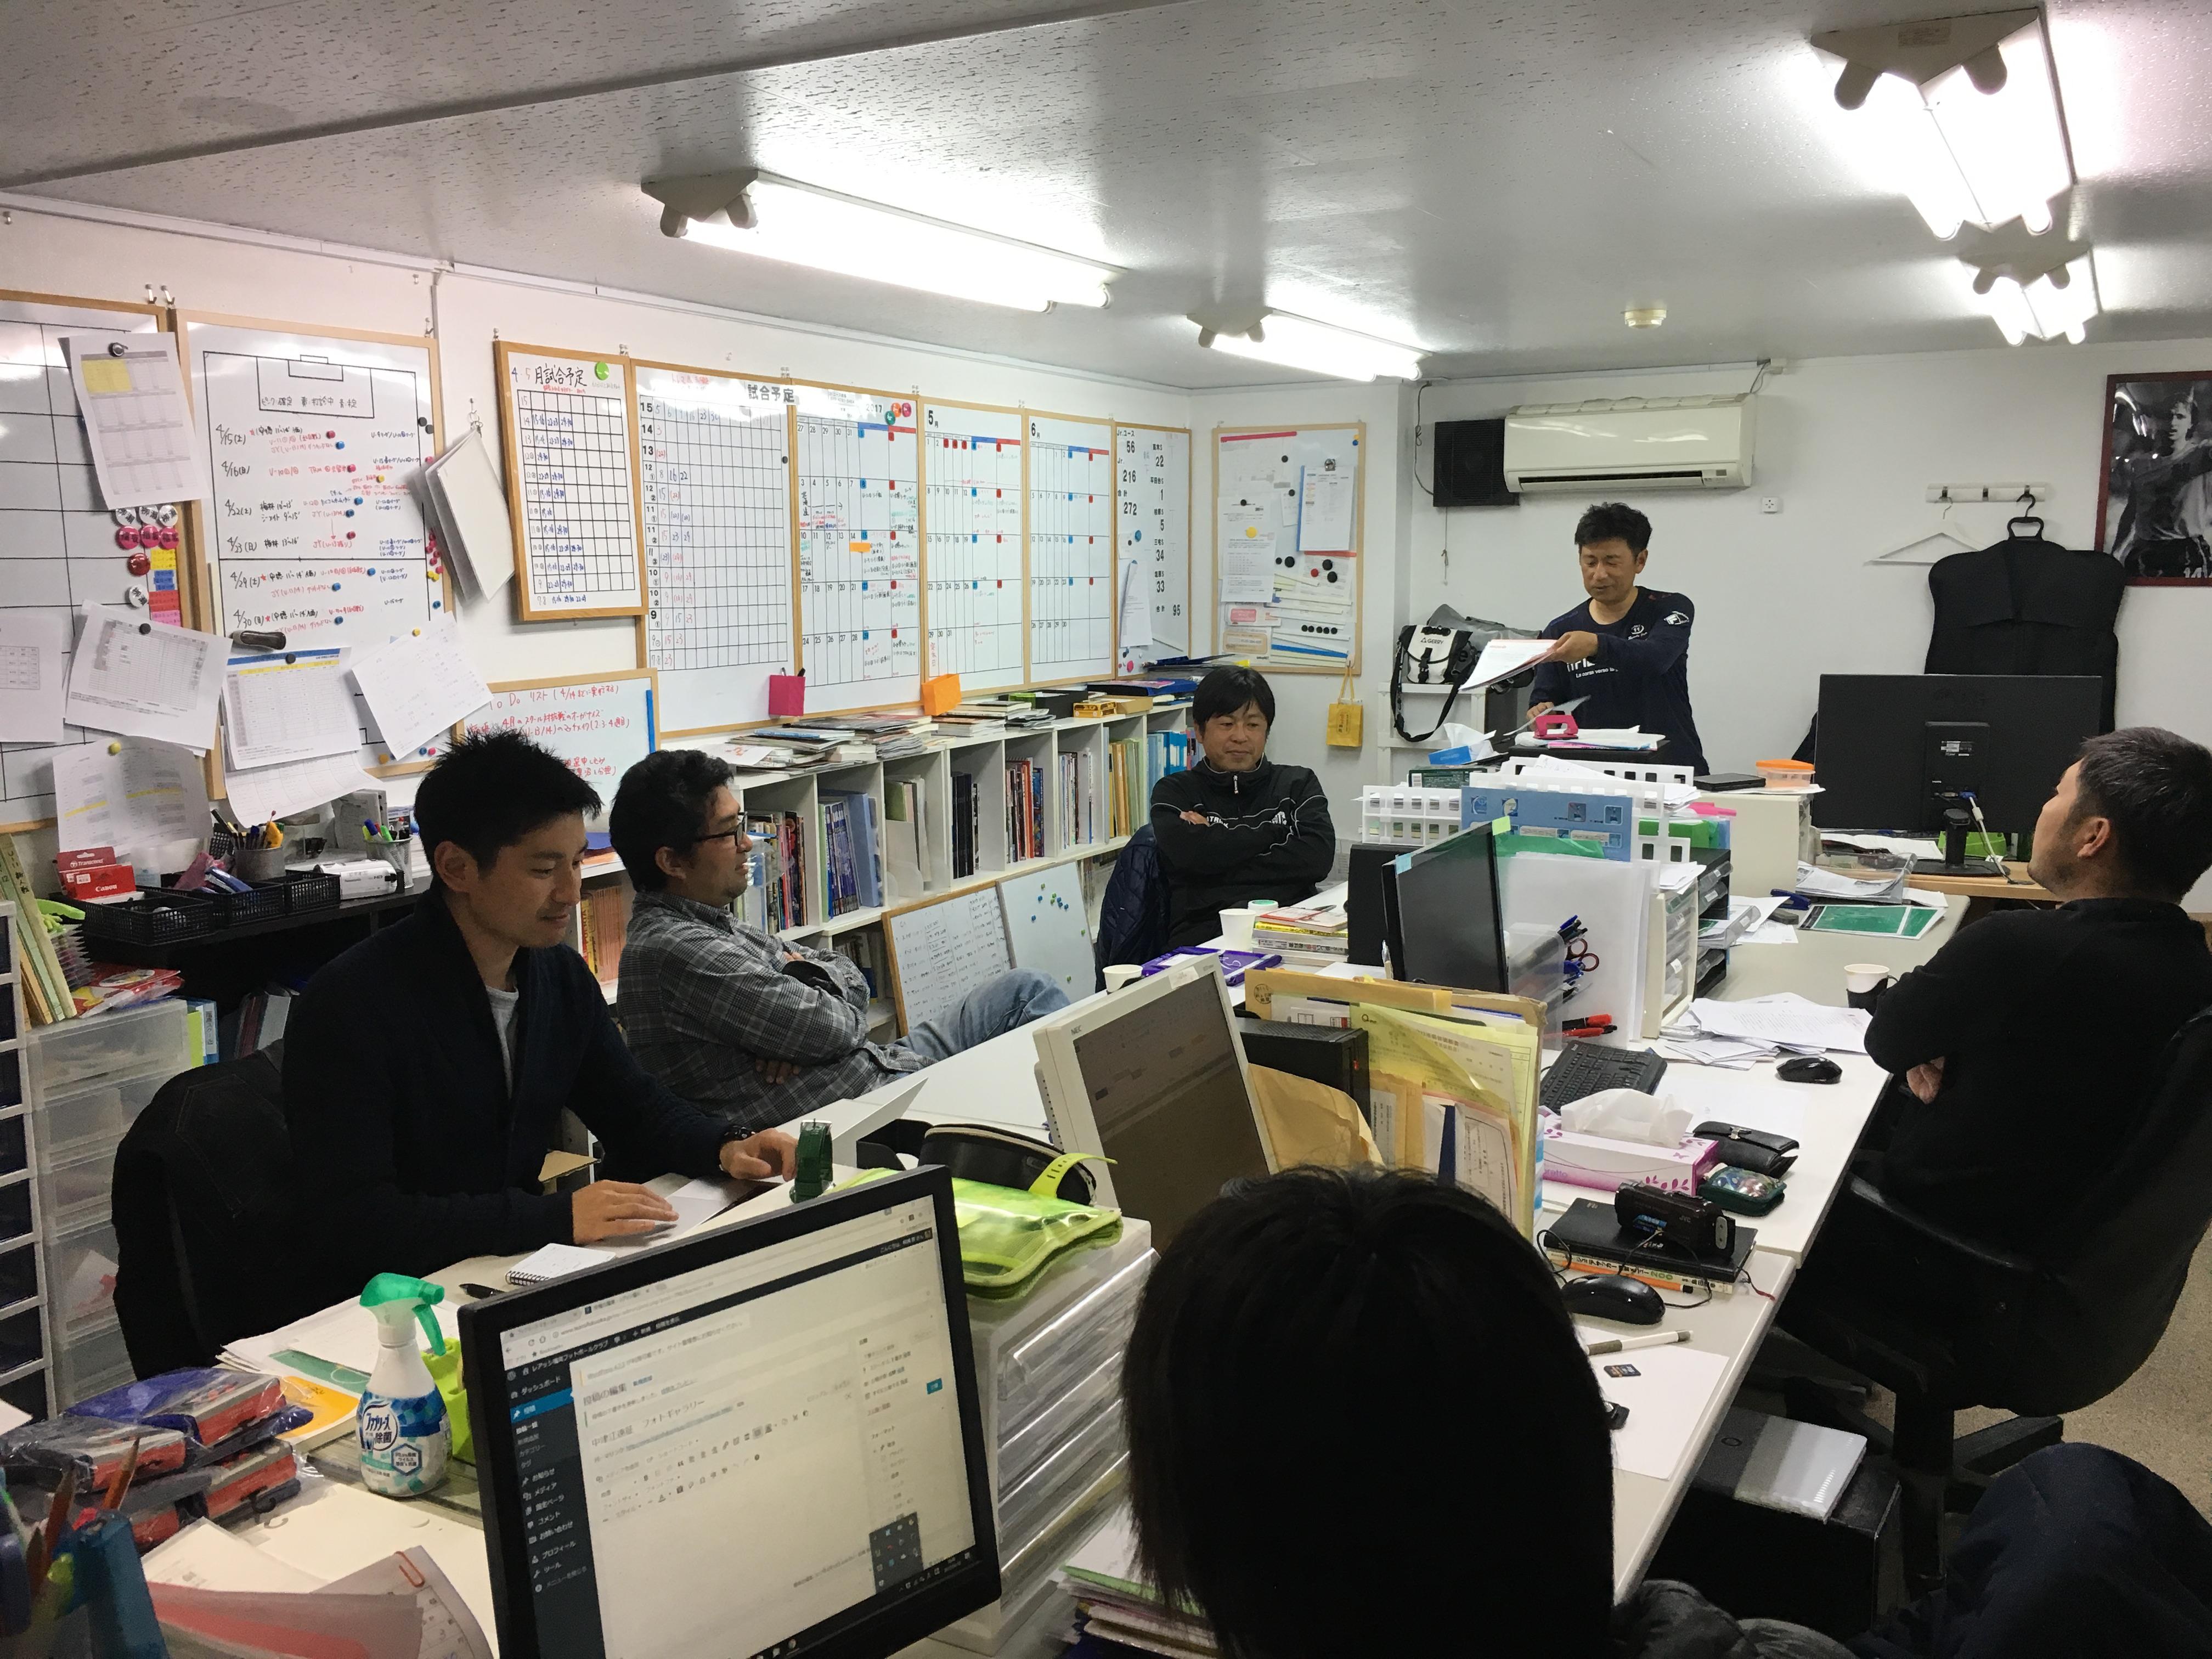 坪井健太郎氏 来福。事務所で会議やっています!